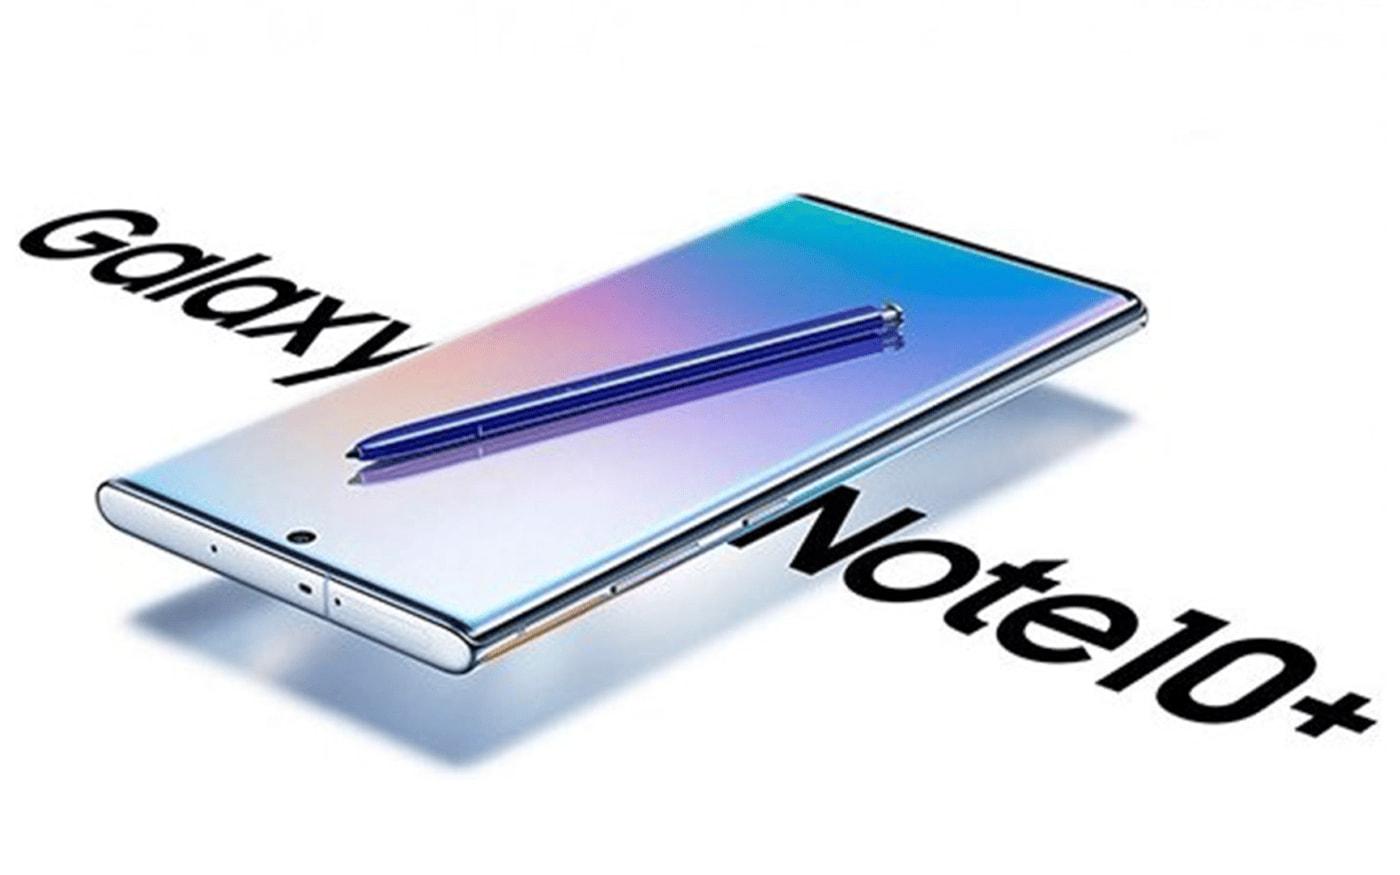 Vazam mais imagens do Galaxy Note 10 e 10+, além de nova cor do Watch Active2